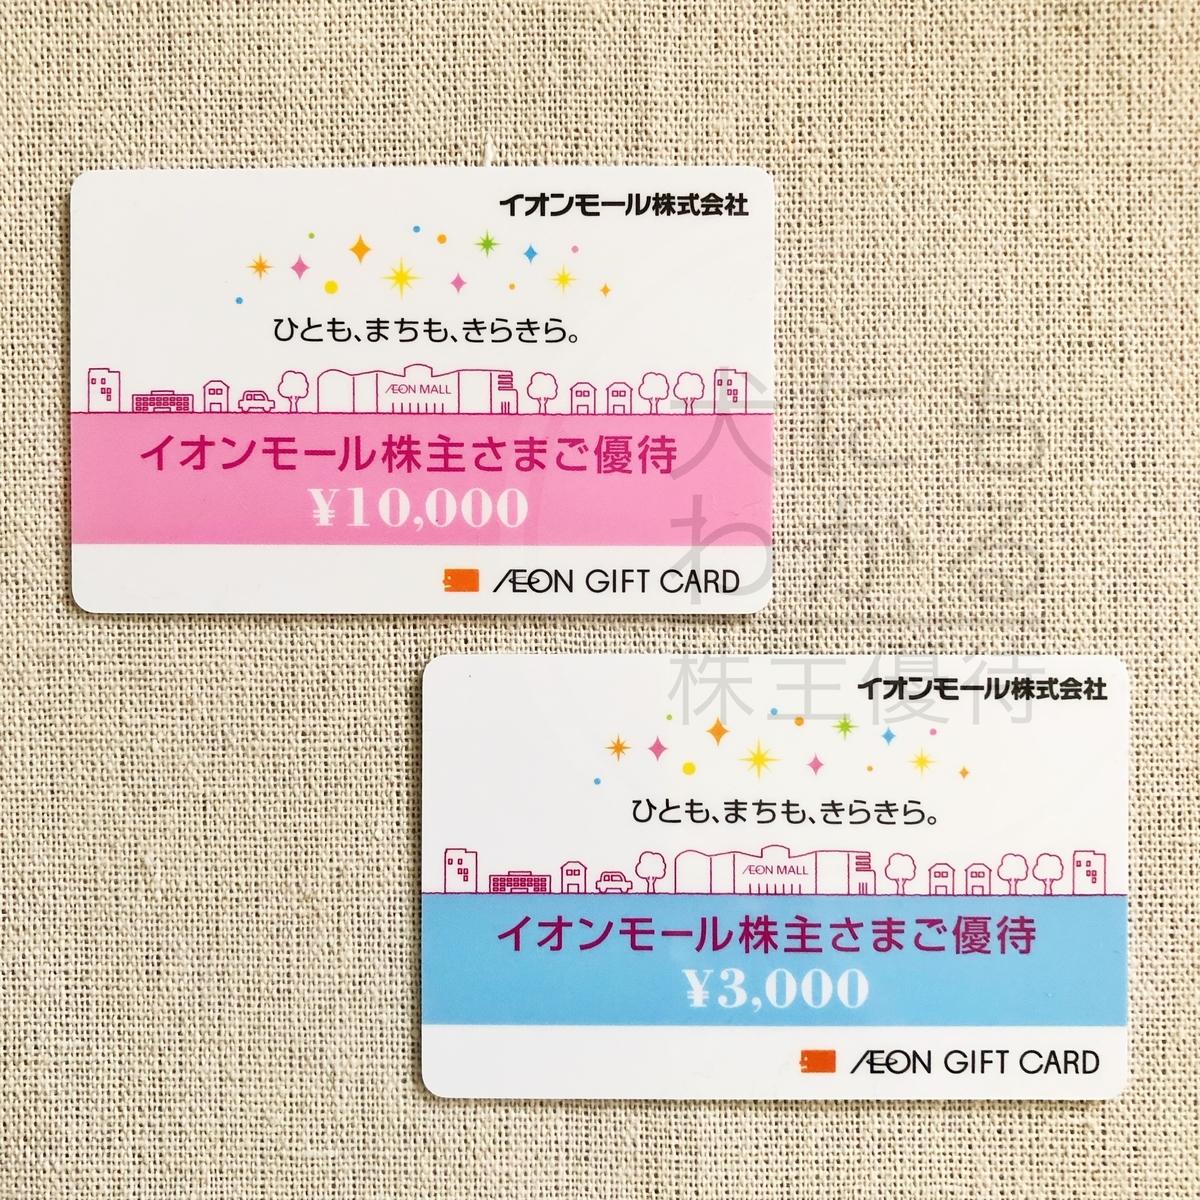 イオンモール株式会社 株主優待到着品 イオンギフトカード